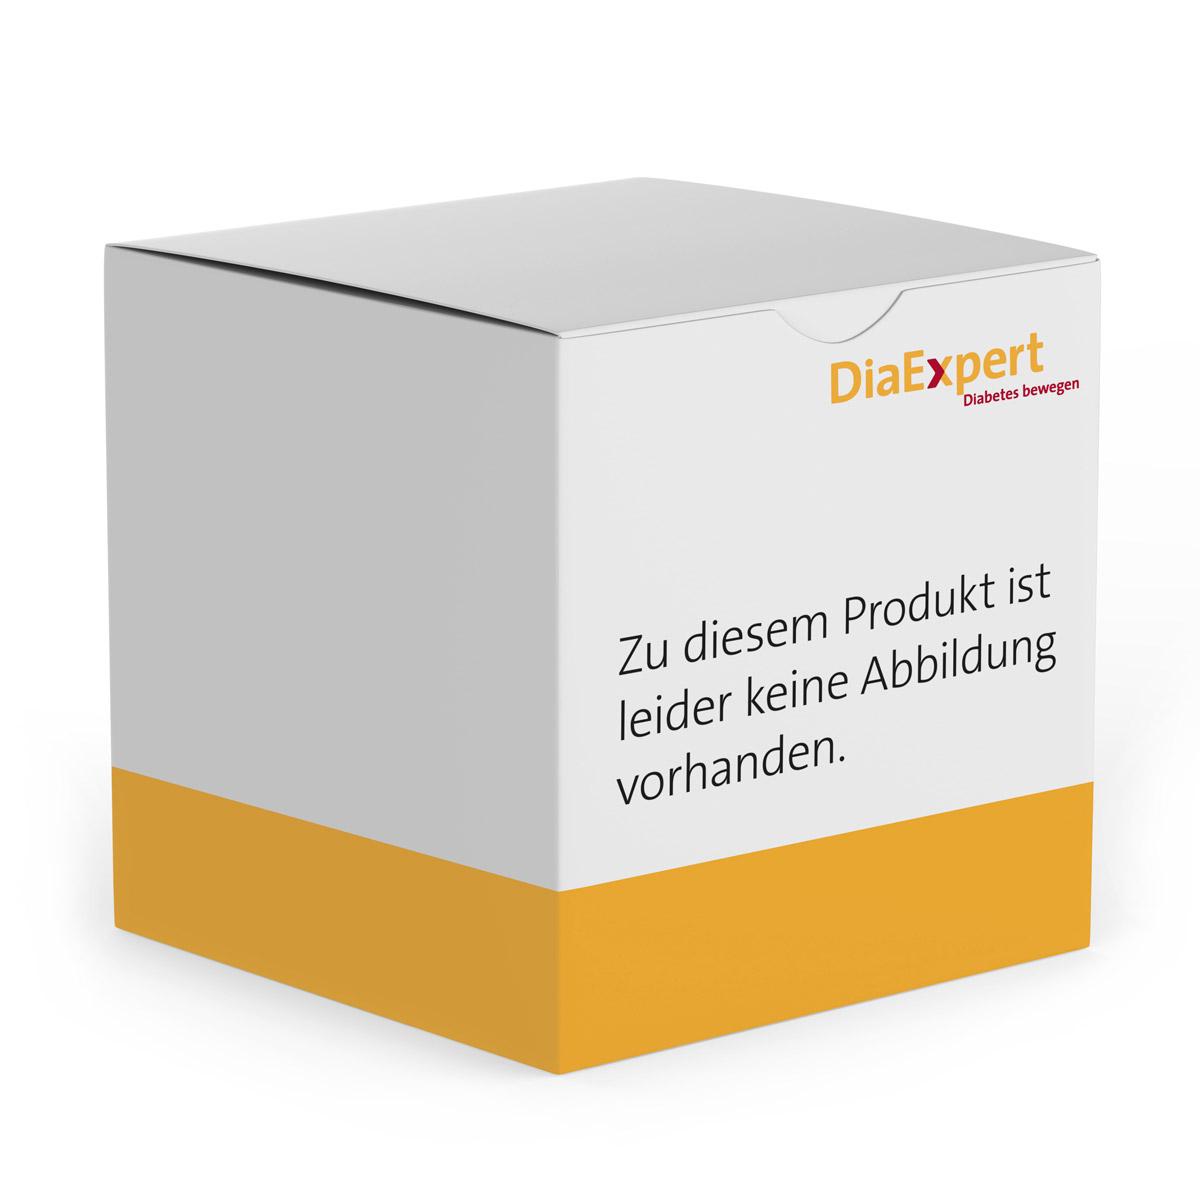 DiaExpert Adventskalender: Täglich eine neue Überraschung!